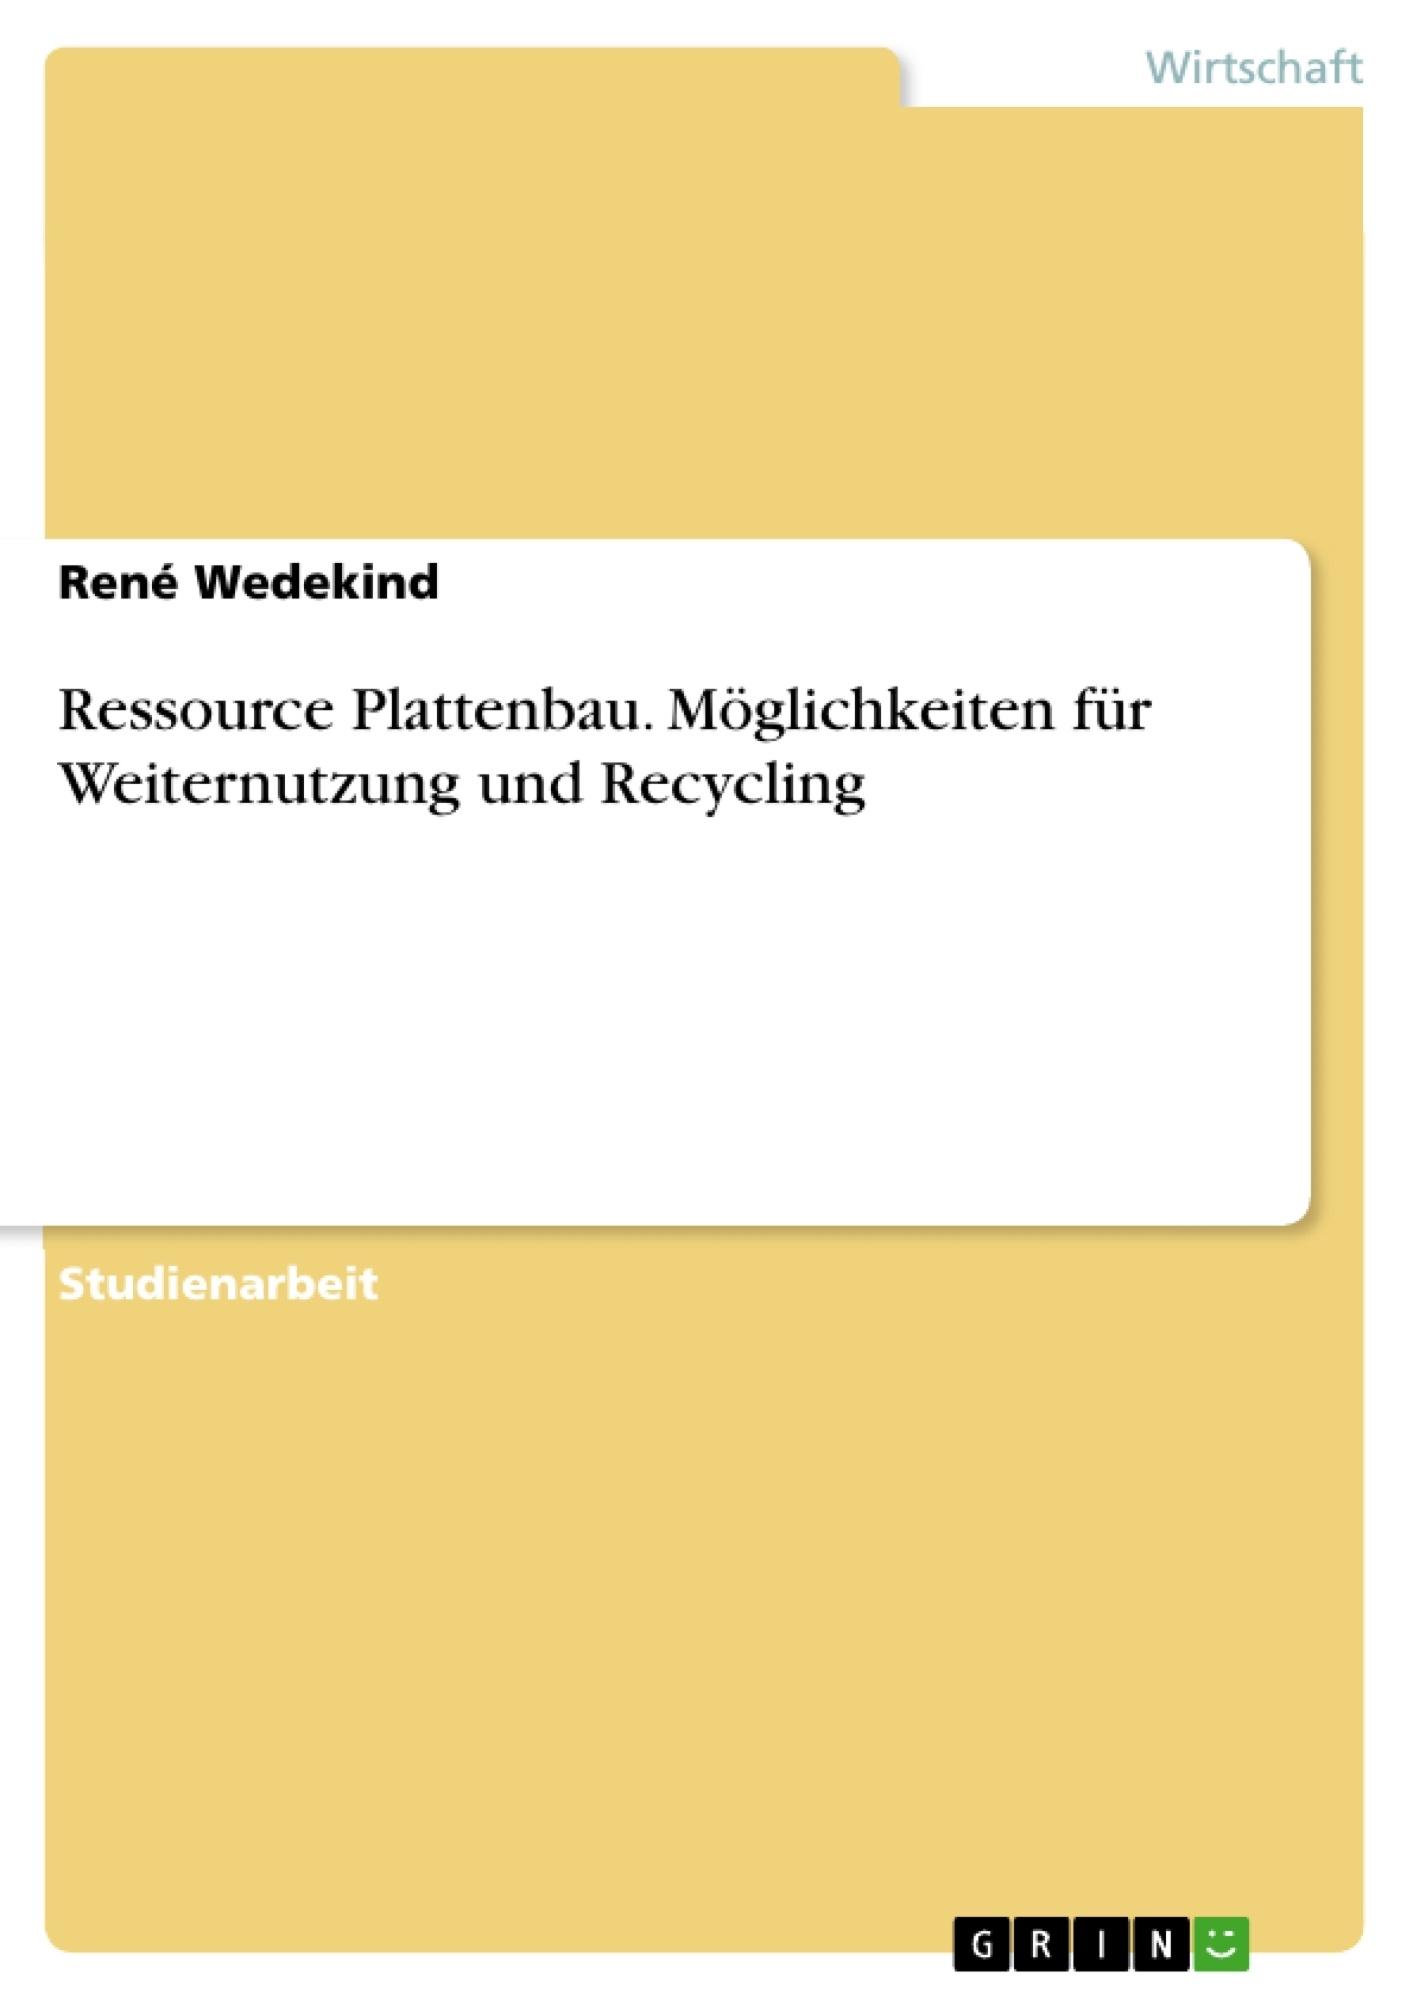 Titel: Ressource Plattenbau. Möglichkeiten für Weiternutzung und Recycling